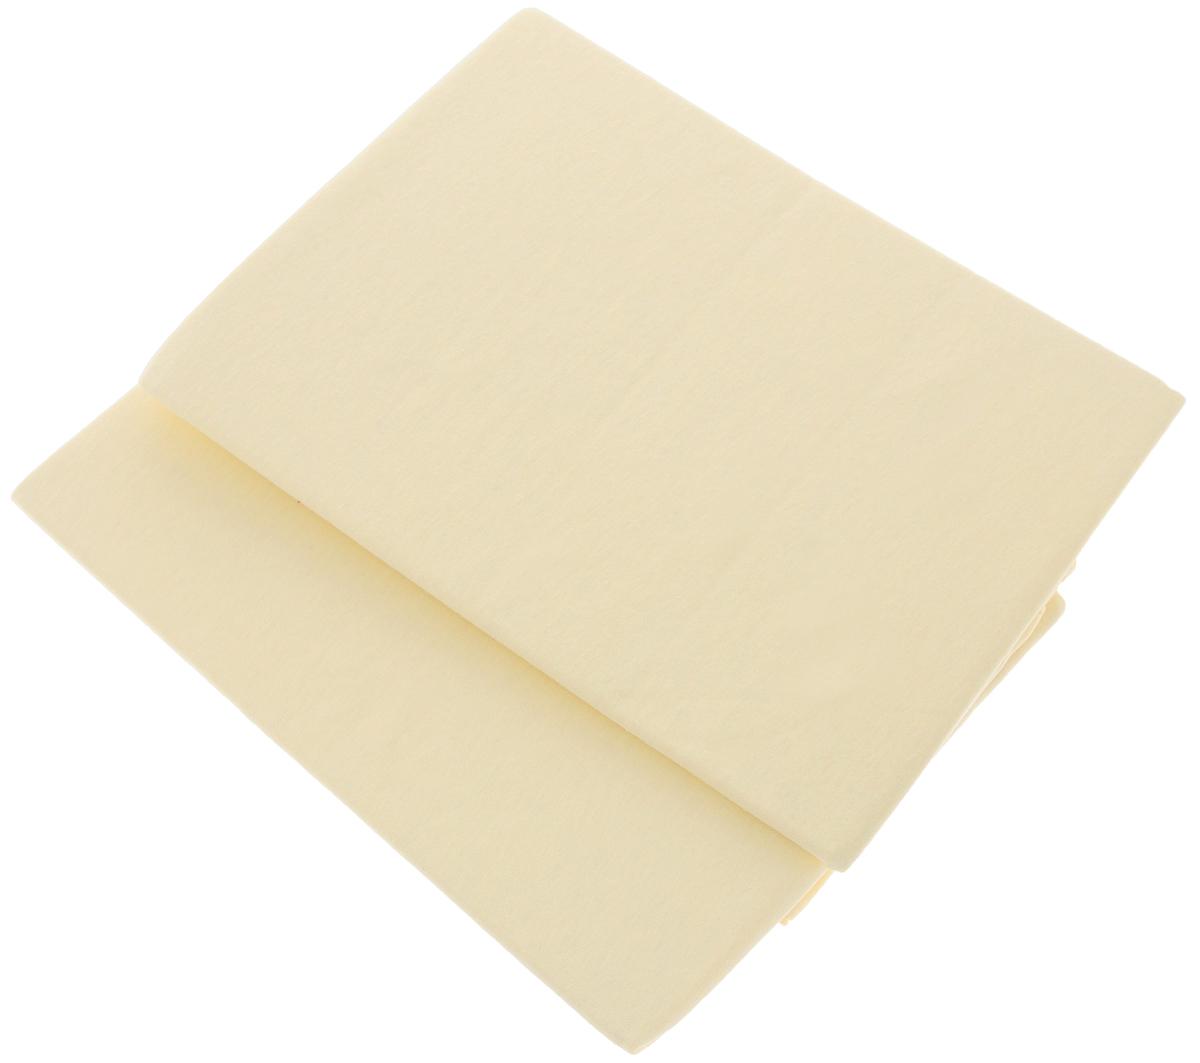 Наволочка Легкие сны Color Way, трикотаж, цвет: светло-желтый, 50 x 70 см, 2 штЛКНТ 57/3_нежно-желтыйНаволочки Легкие сны Color Way выполнены из трикотажа. Высочайшее качество материала гарантирует безопасность не только взрослых, но и самых маленьких членов семьи. Изделия застегиваются на застежку-молнию. Такой комплект наволочек гармонично впишется в интерьер вашей спальни и создаст атмосферу уюта и комфорта.Рекомендации по уходу:- Деликатная стирка при температуре воды до 30°С.- Отбеливание, химчистка запрещены.- Рекомендуется глажка при температуре подошвы утюга до 150°С.- Разрешена барабанная сушка.